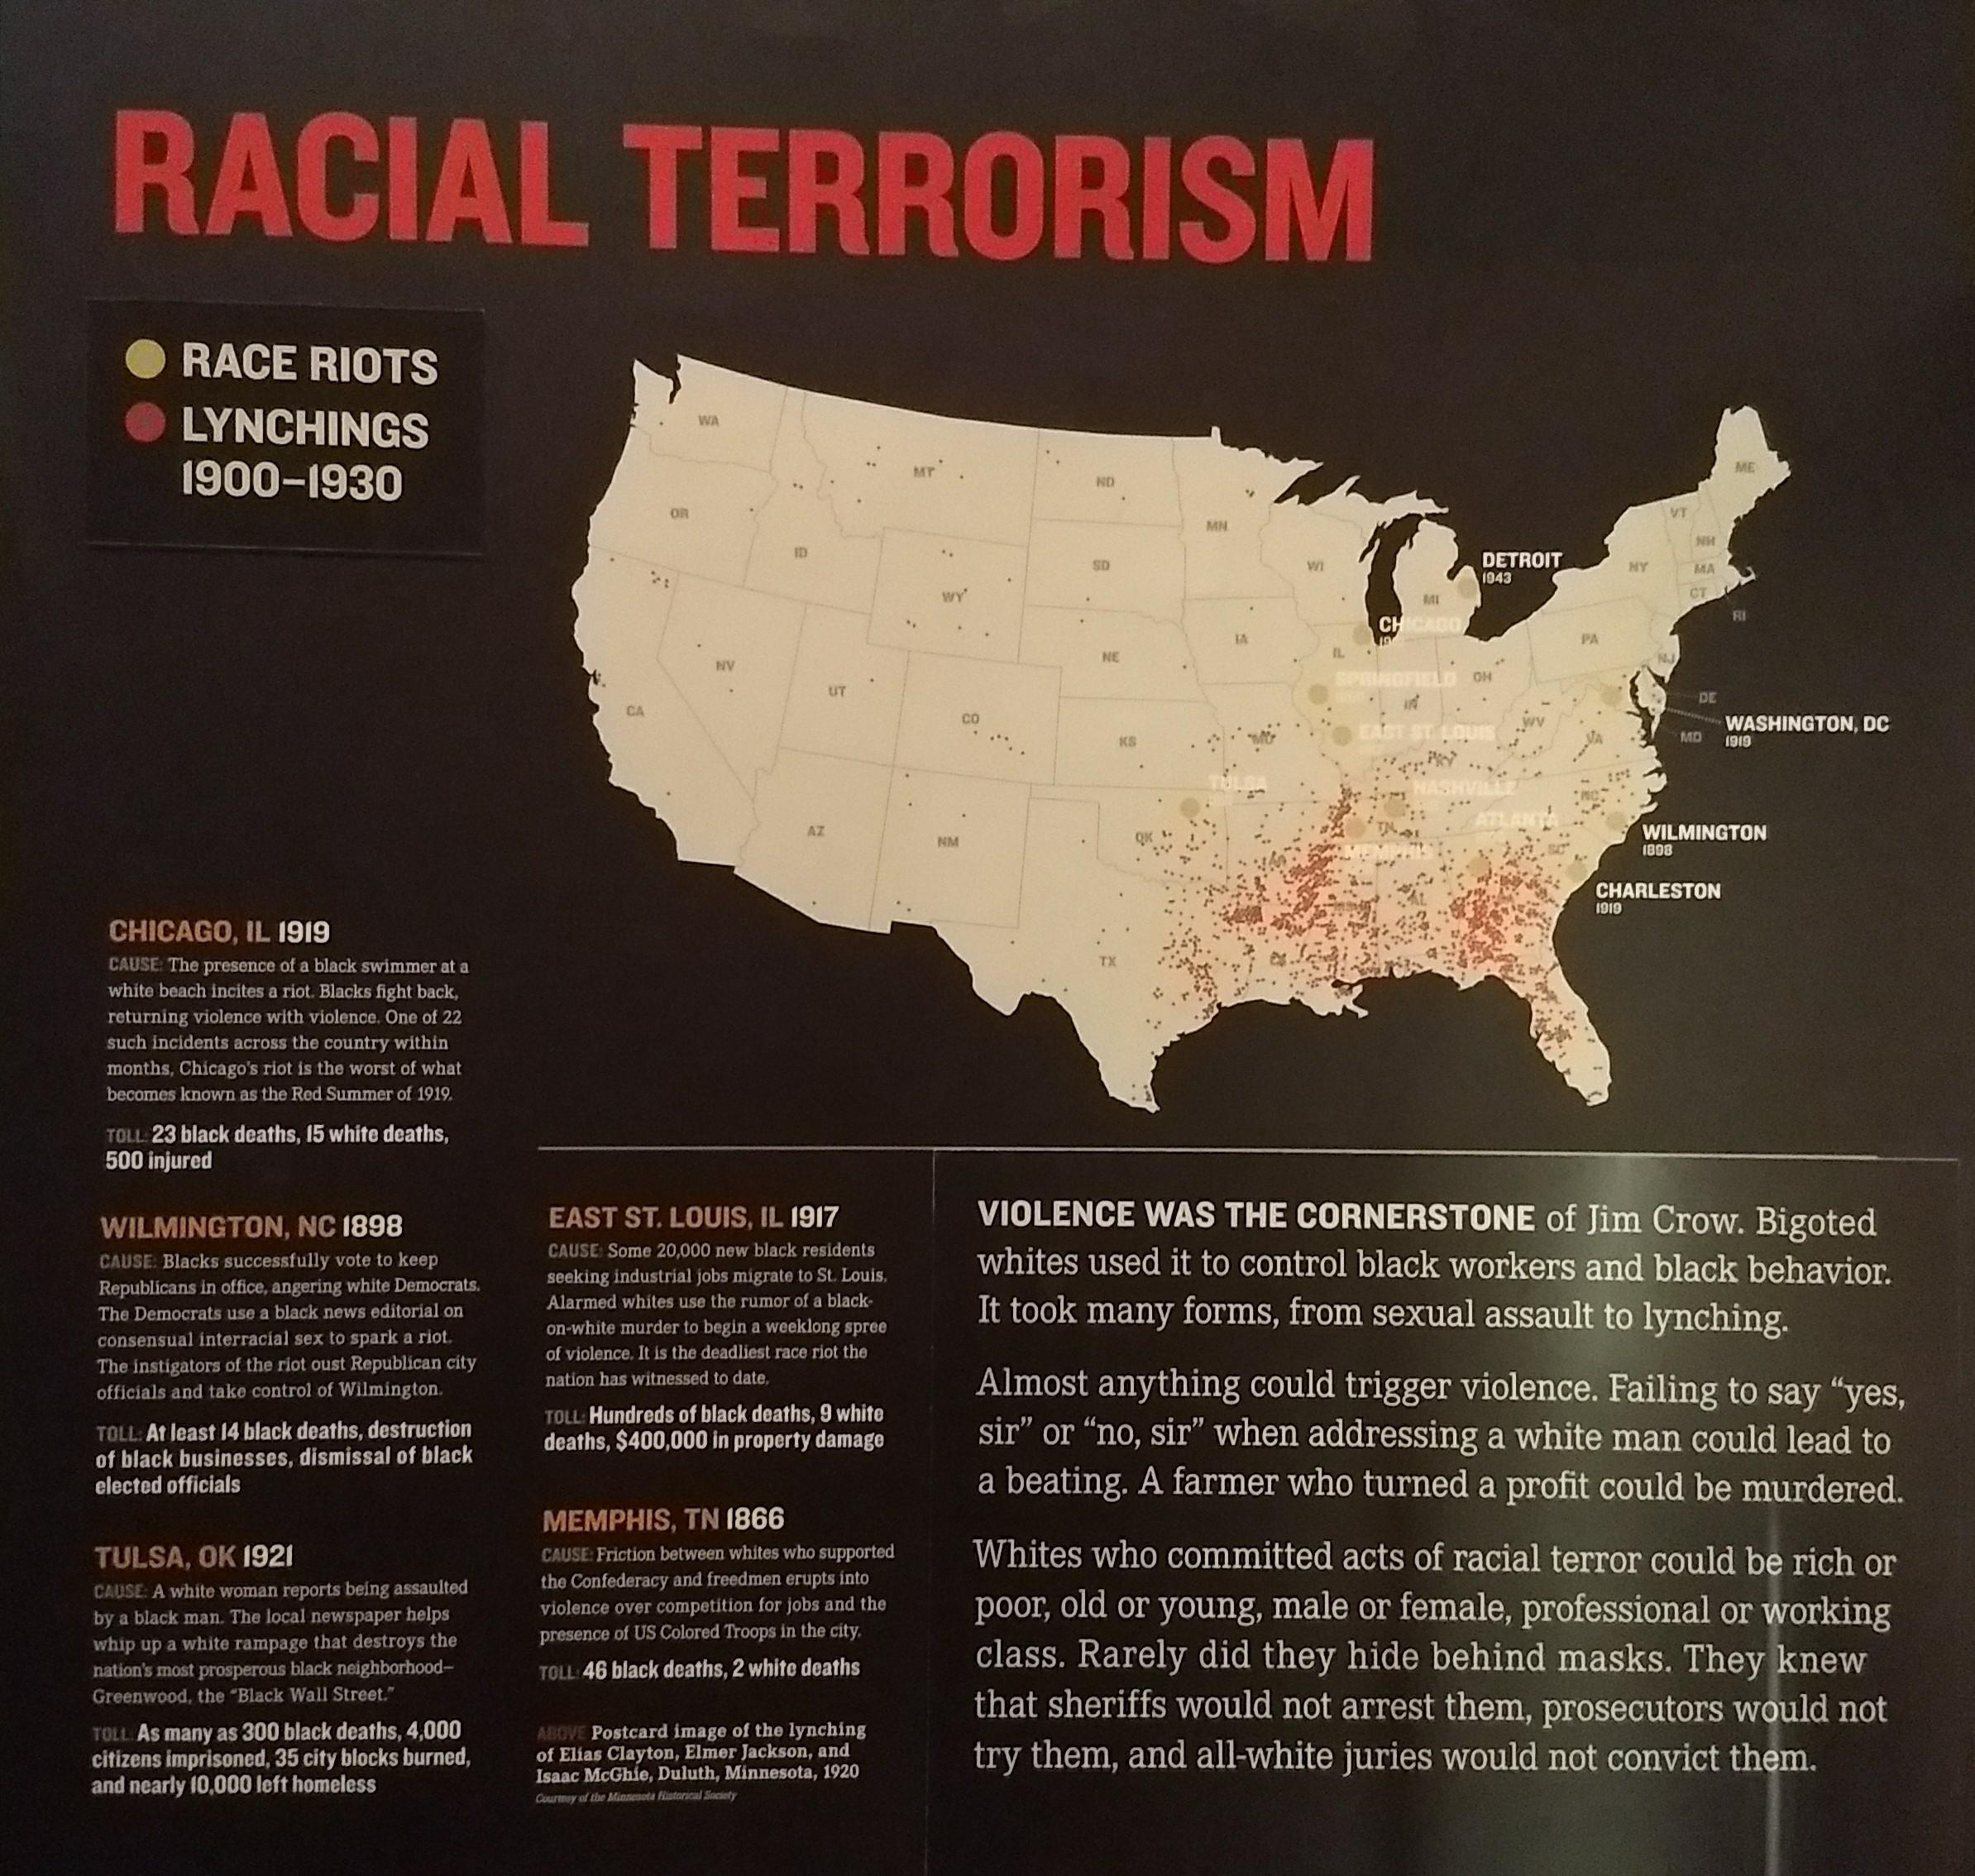 Racial Terrorism Map